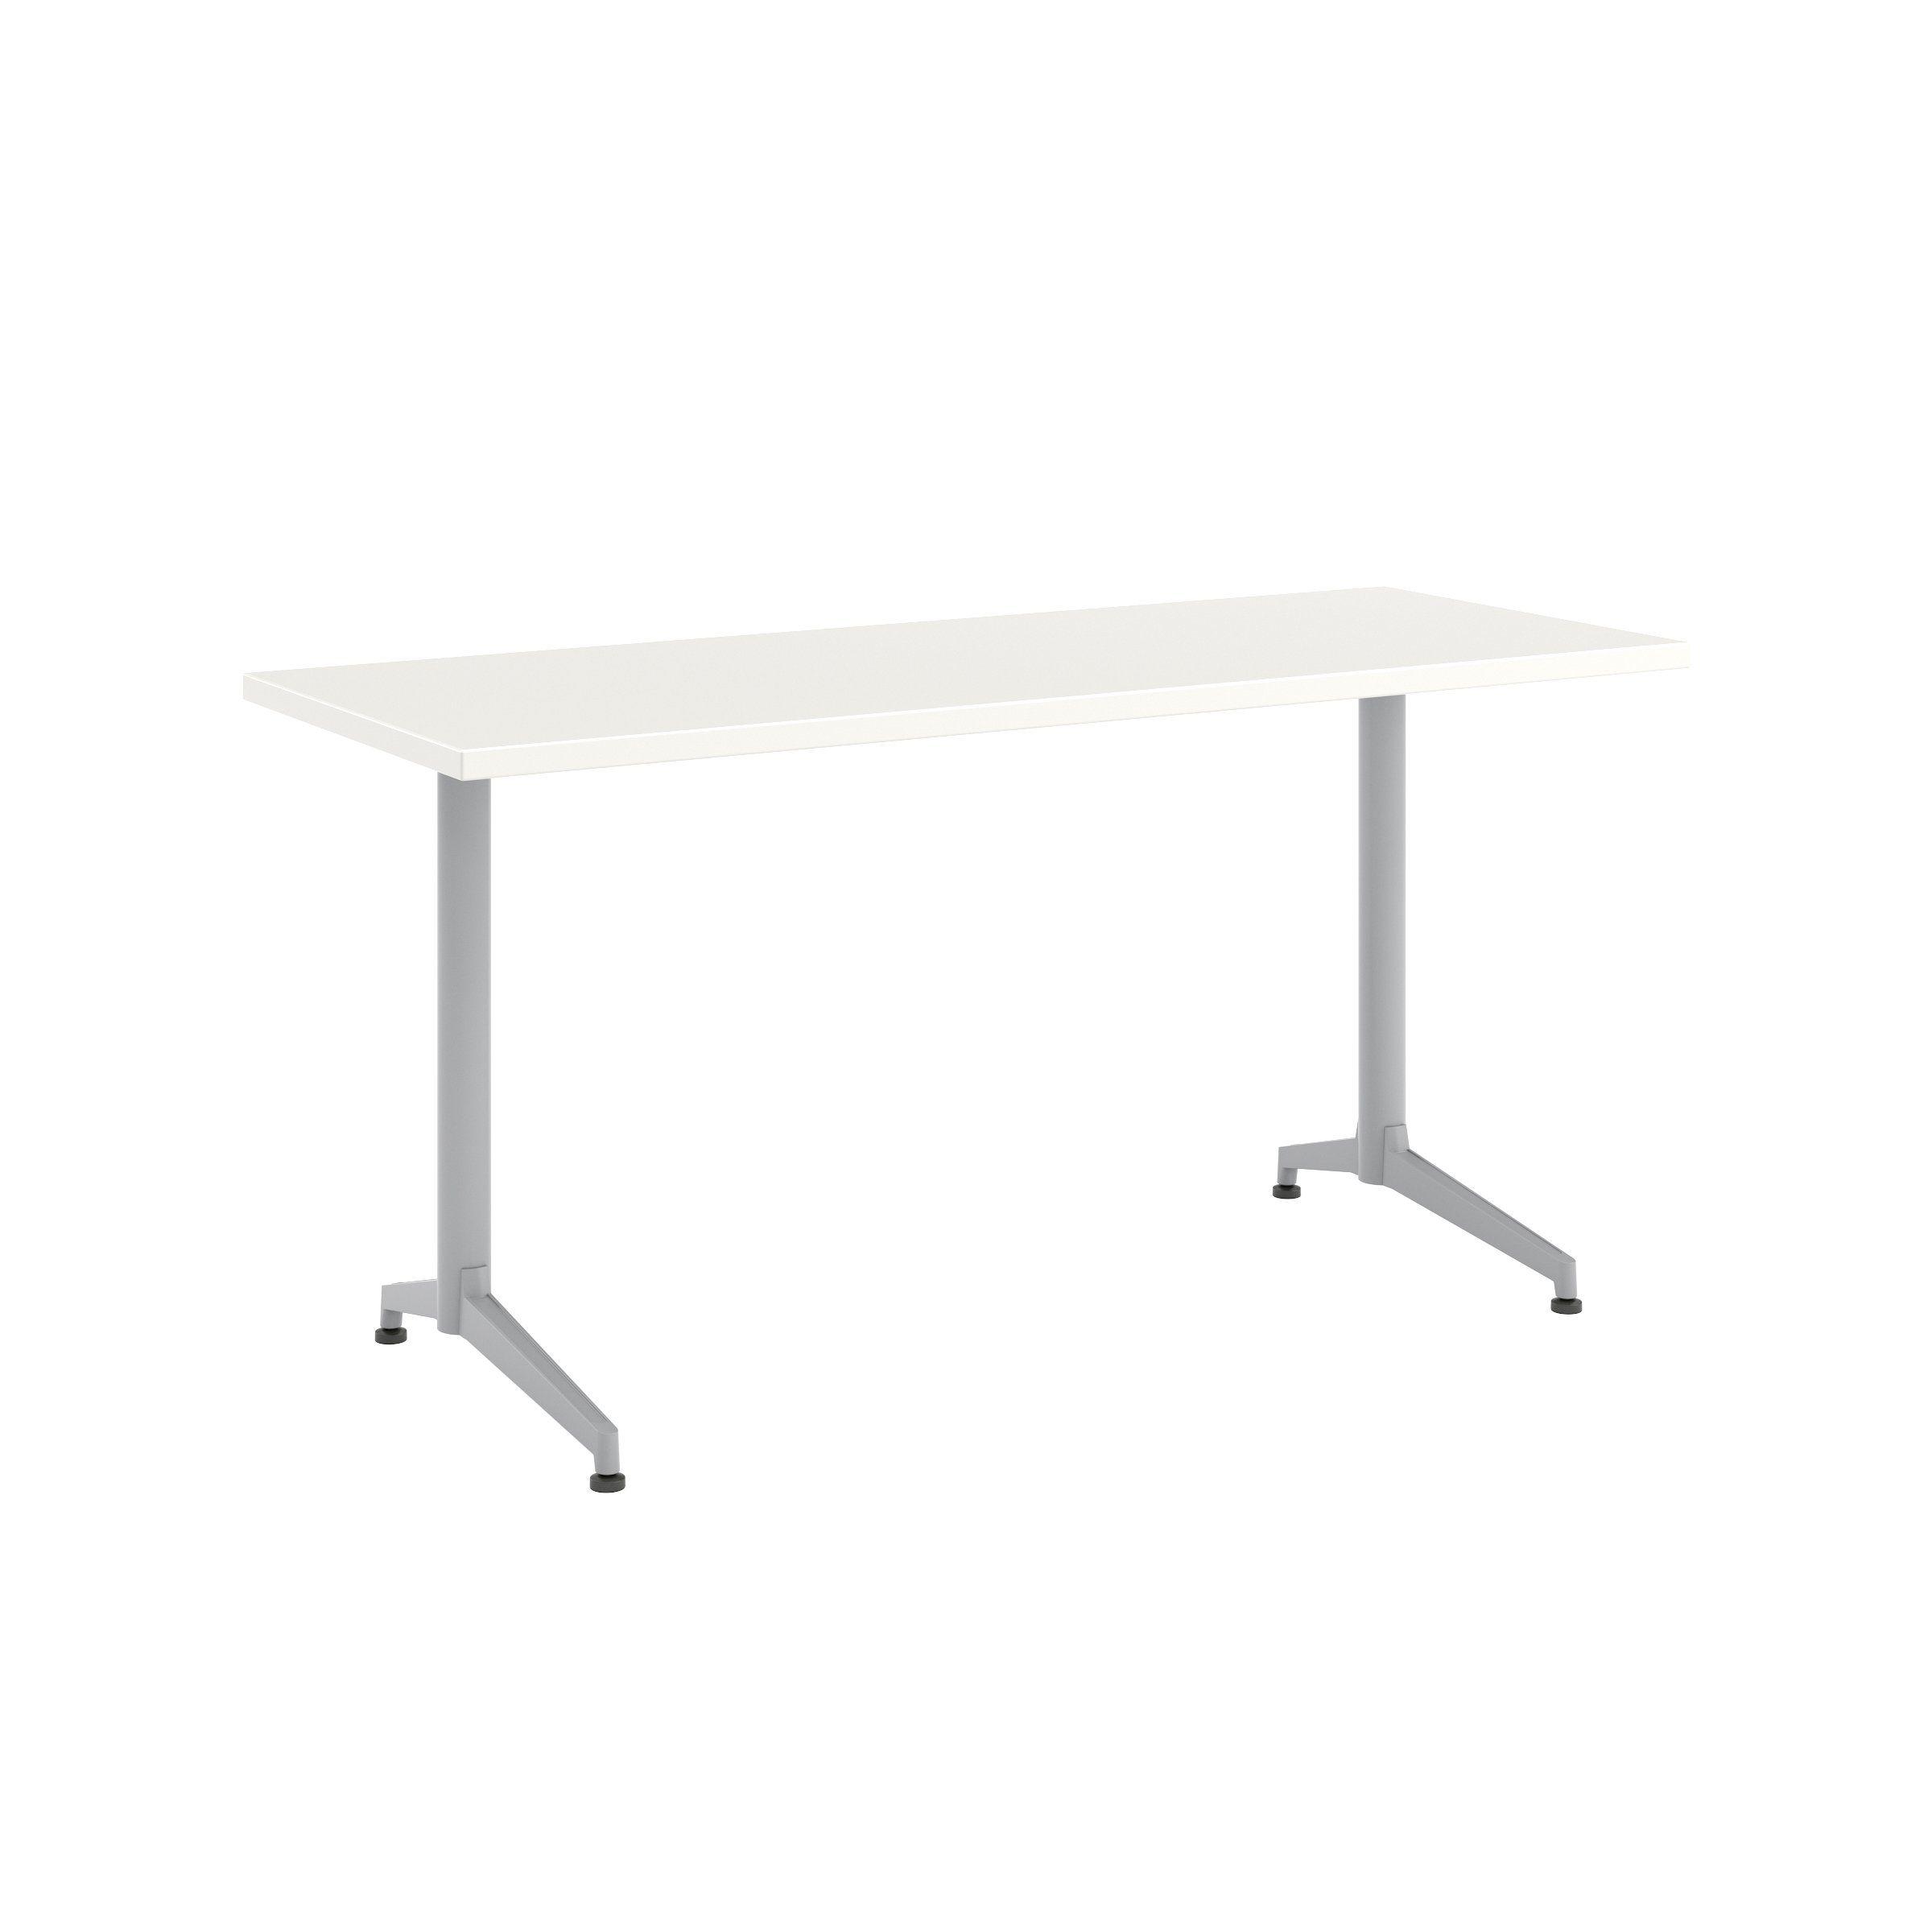 Photo of Jive Desk with C-Leg Base – 24D x 60W / Linen / Metallic Sil…